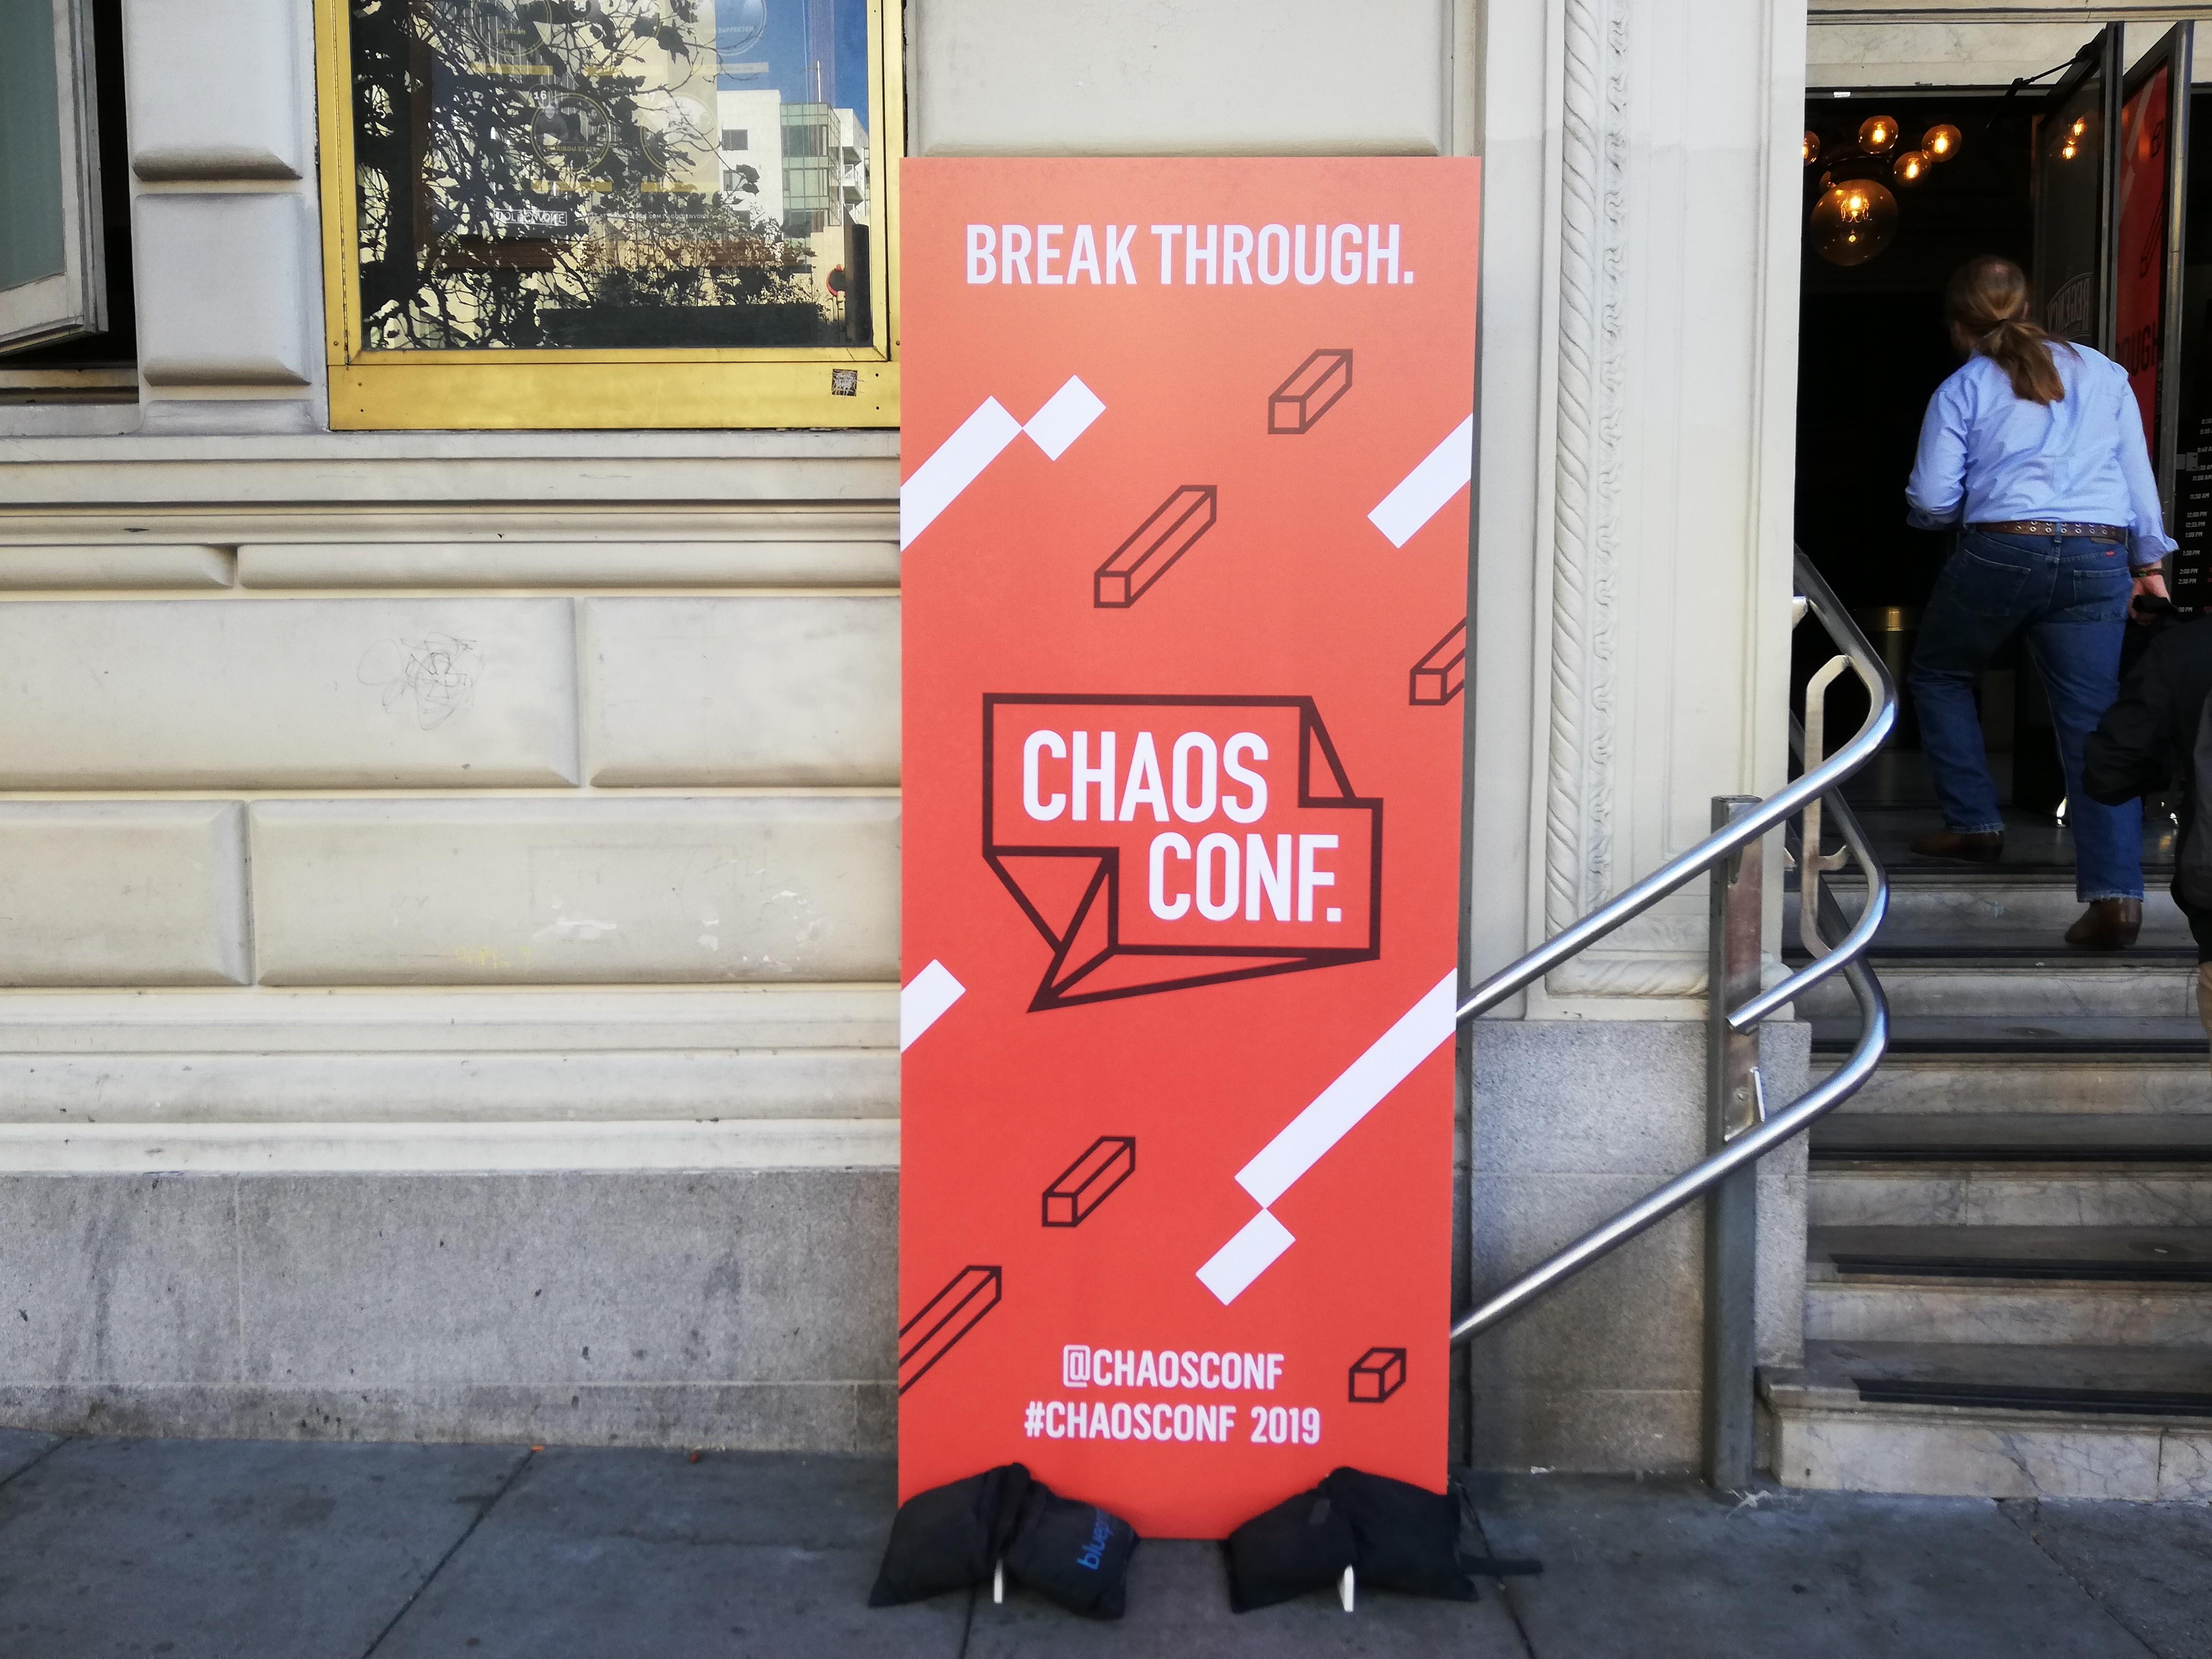 chaosconf_07